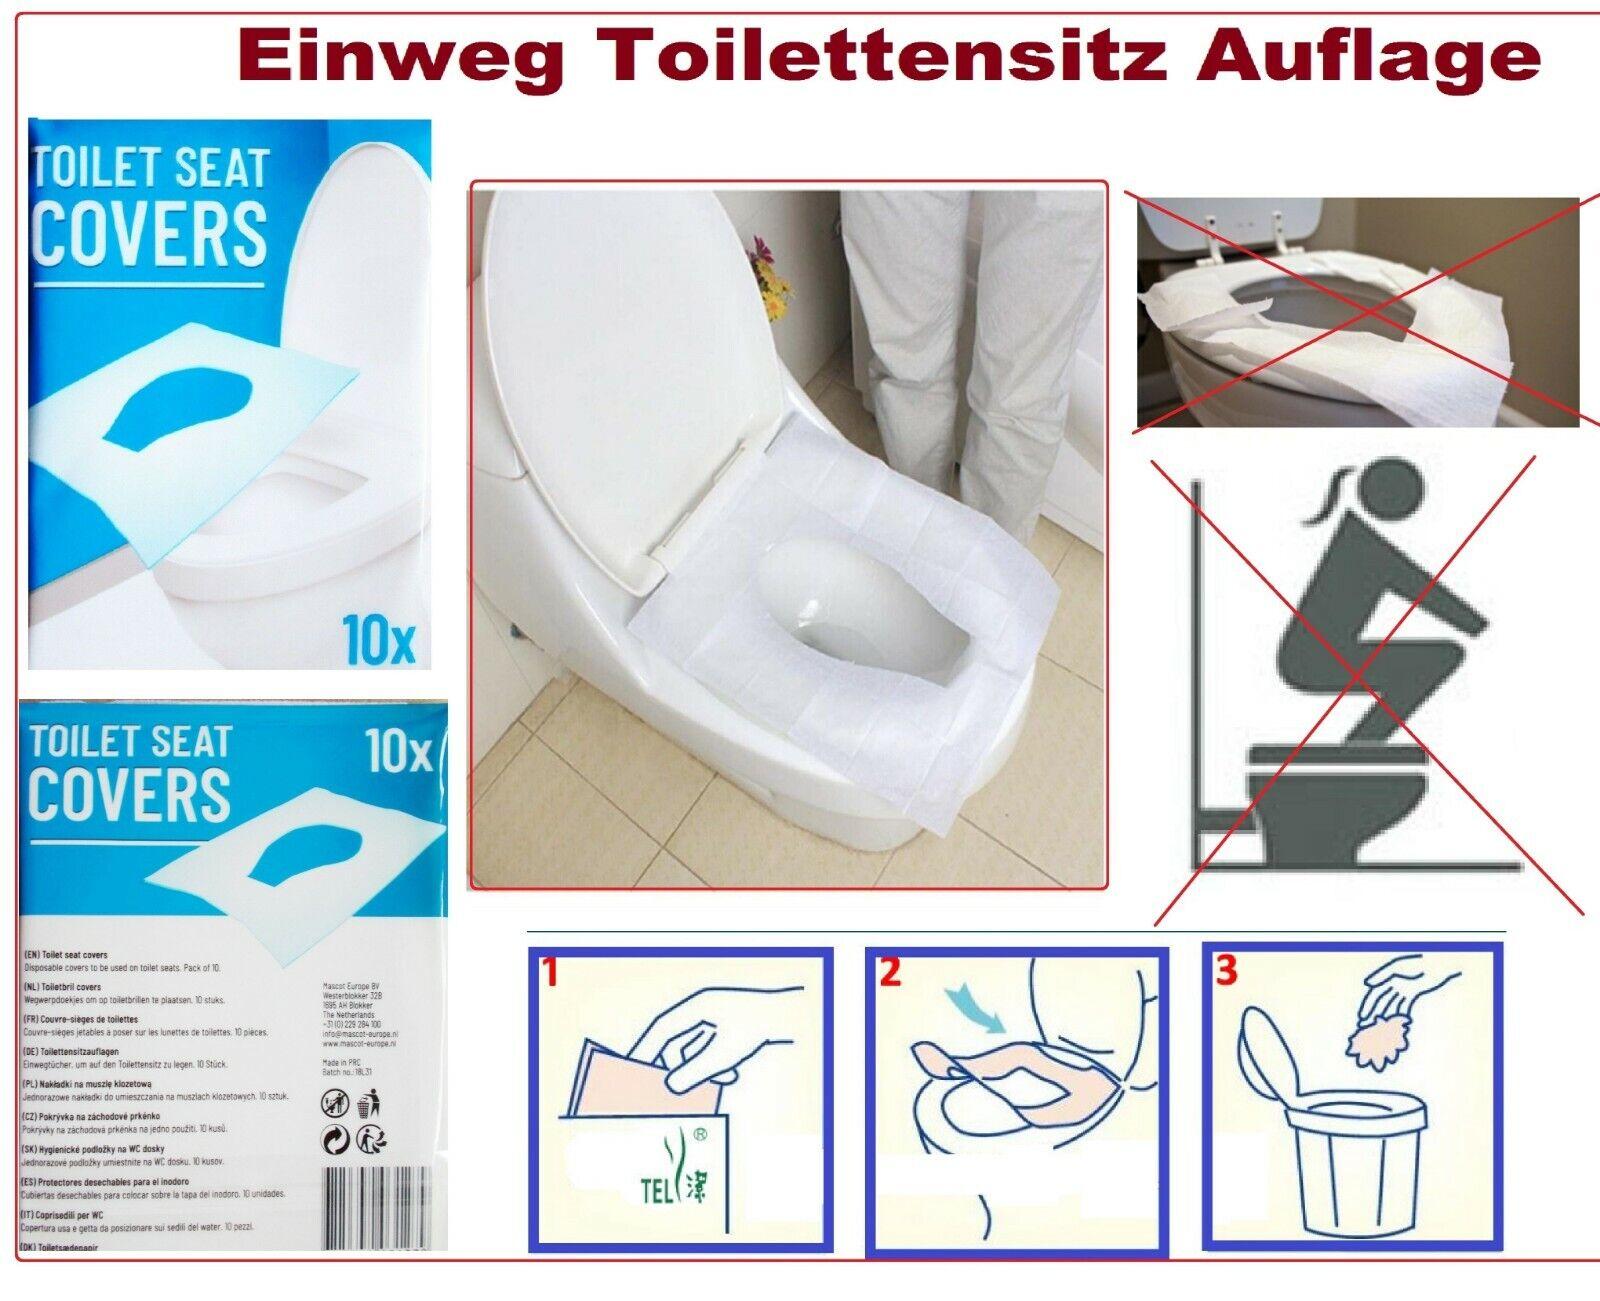 Einweg Toilettensitz Auflage Abdeckung WC Cover Schutz Papier Hygieneauflagen